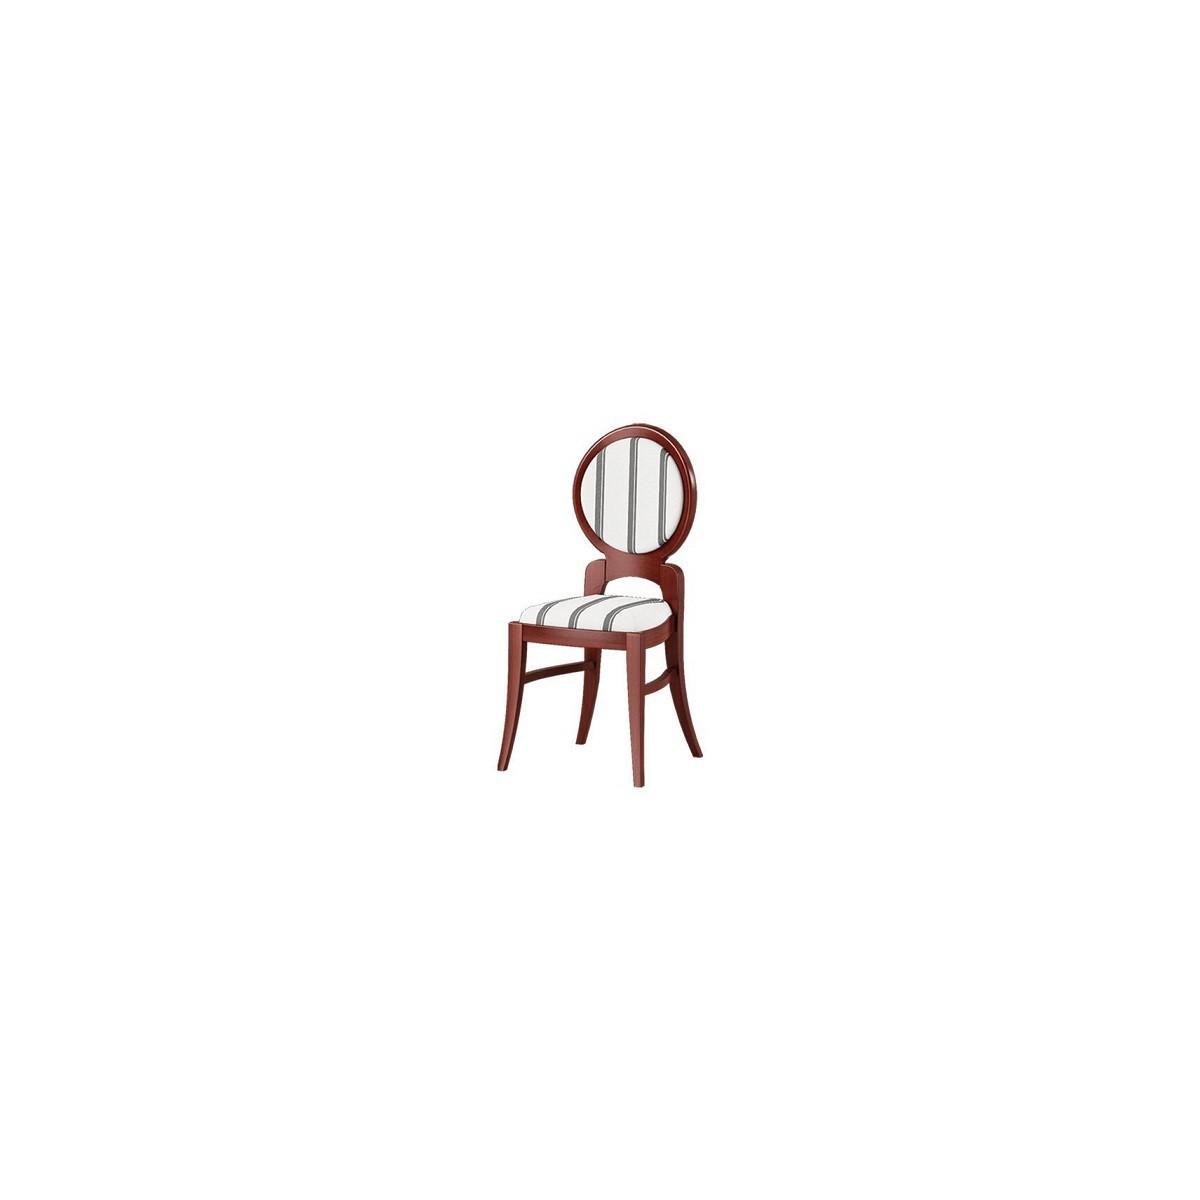 Wersal krzesło K73 Mebdom